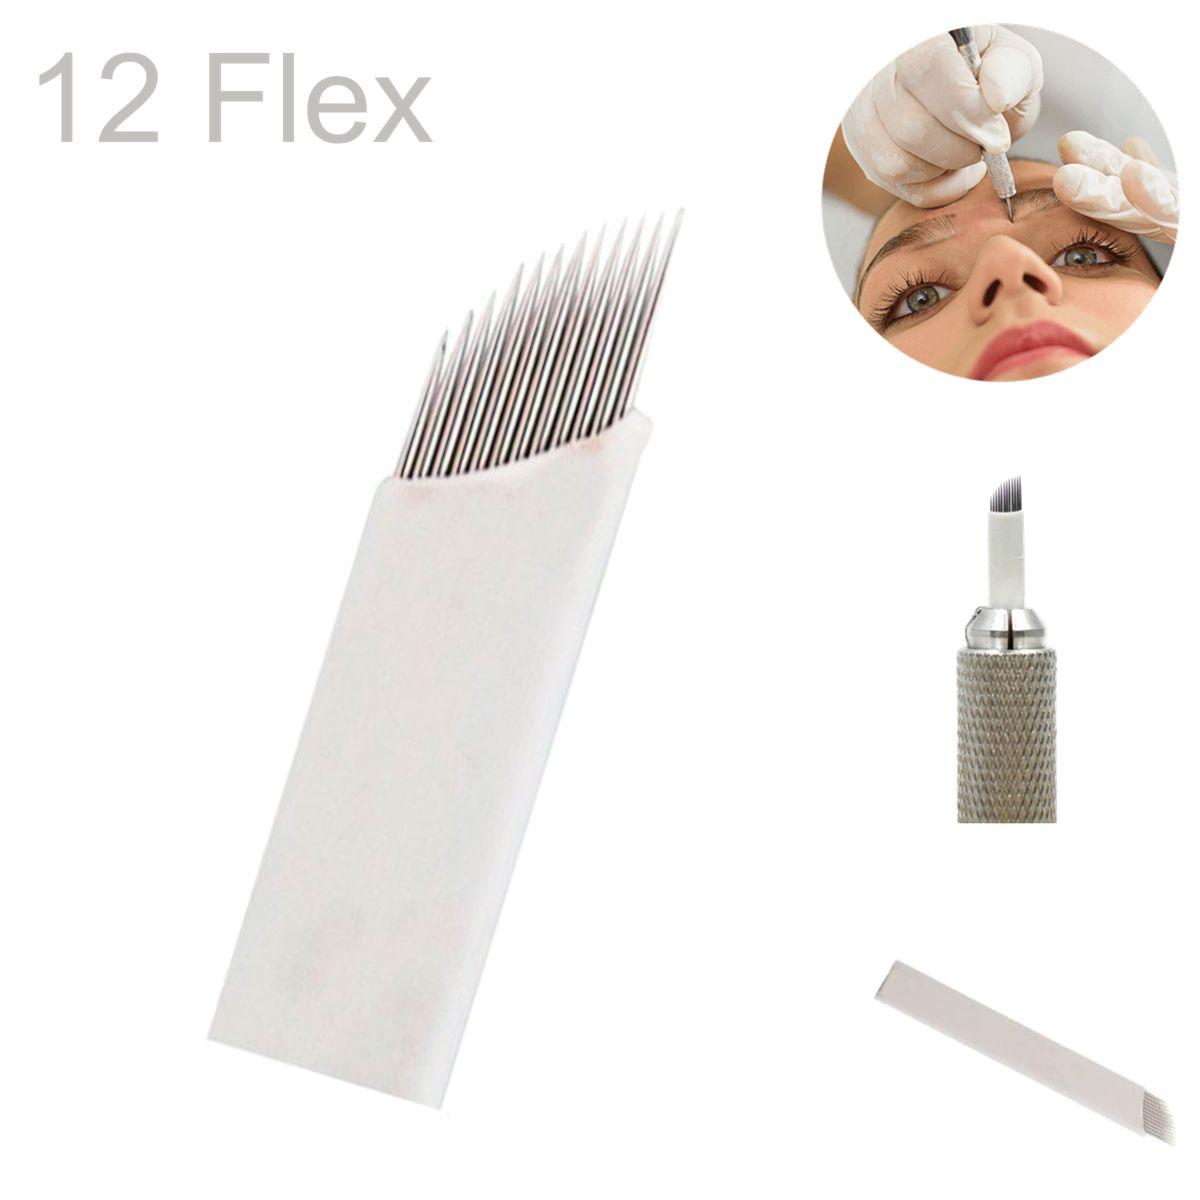 Caneta Tebori Ponta Dupla Cristal Micropigmentação Alumínio Lilás + 10 Un Lamina 12 Flex